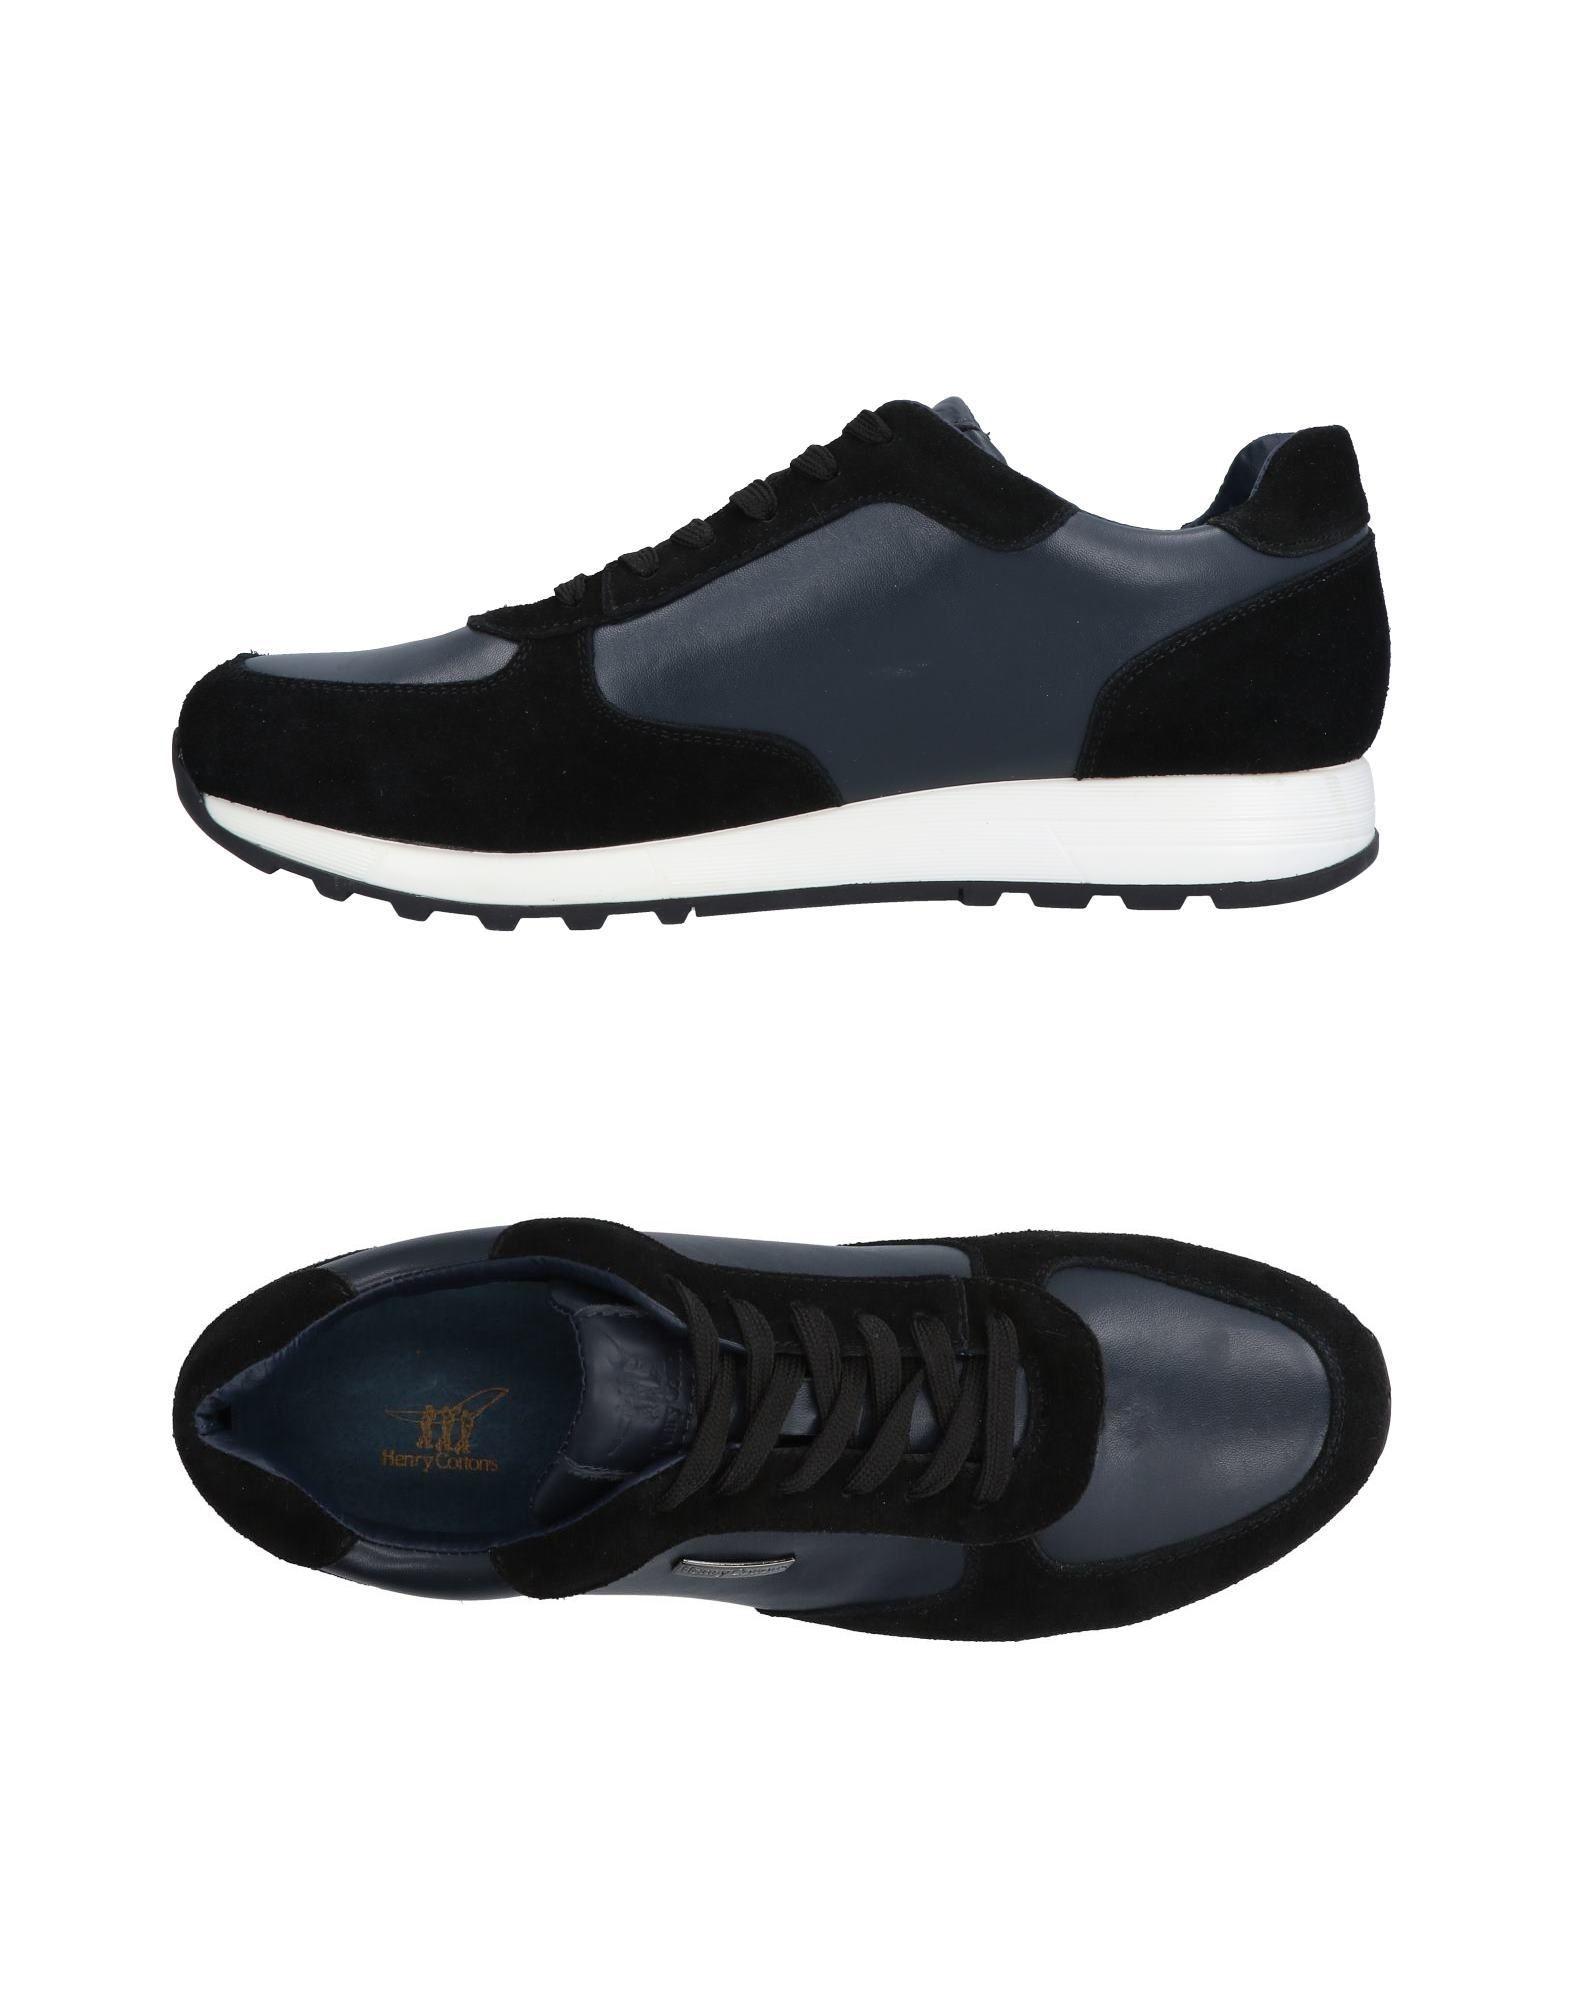 Rabatt echte Schuhe Henry Cotton's Sneakers Herren  11485000MA